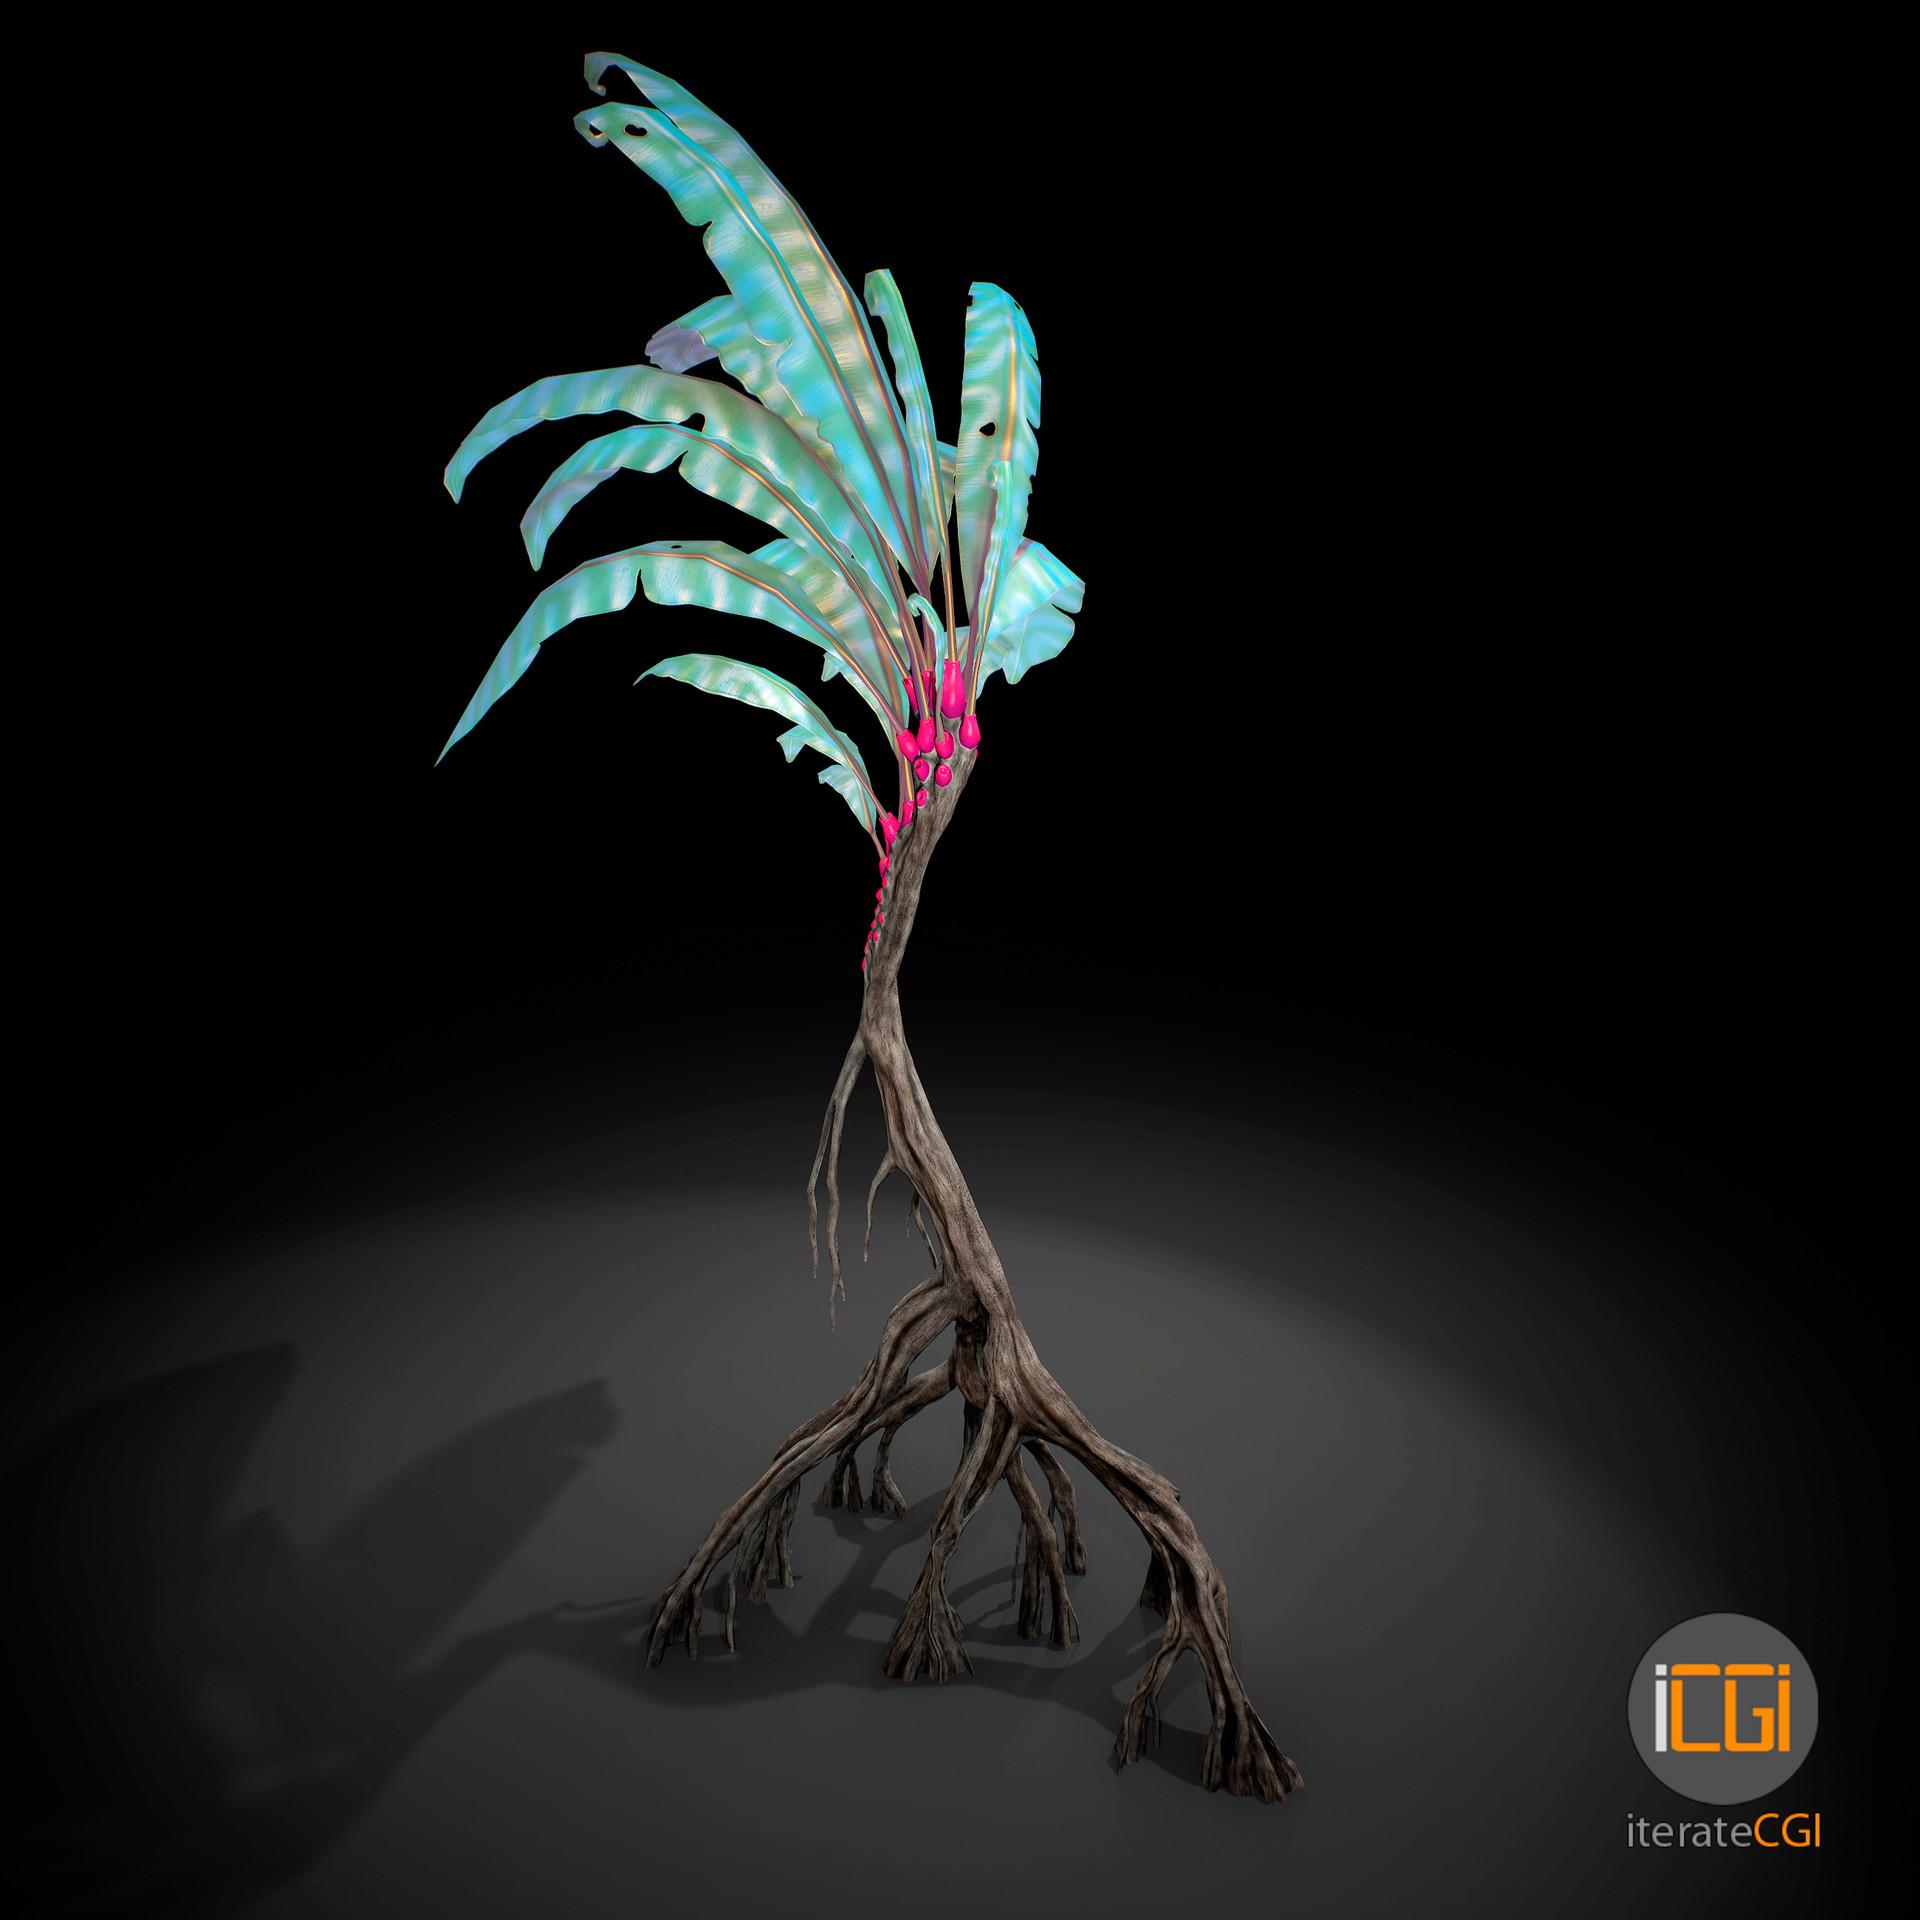 Johan de leenheer alien plant 12 11